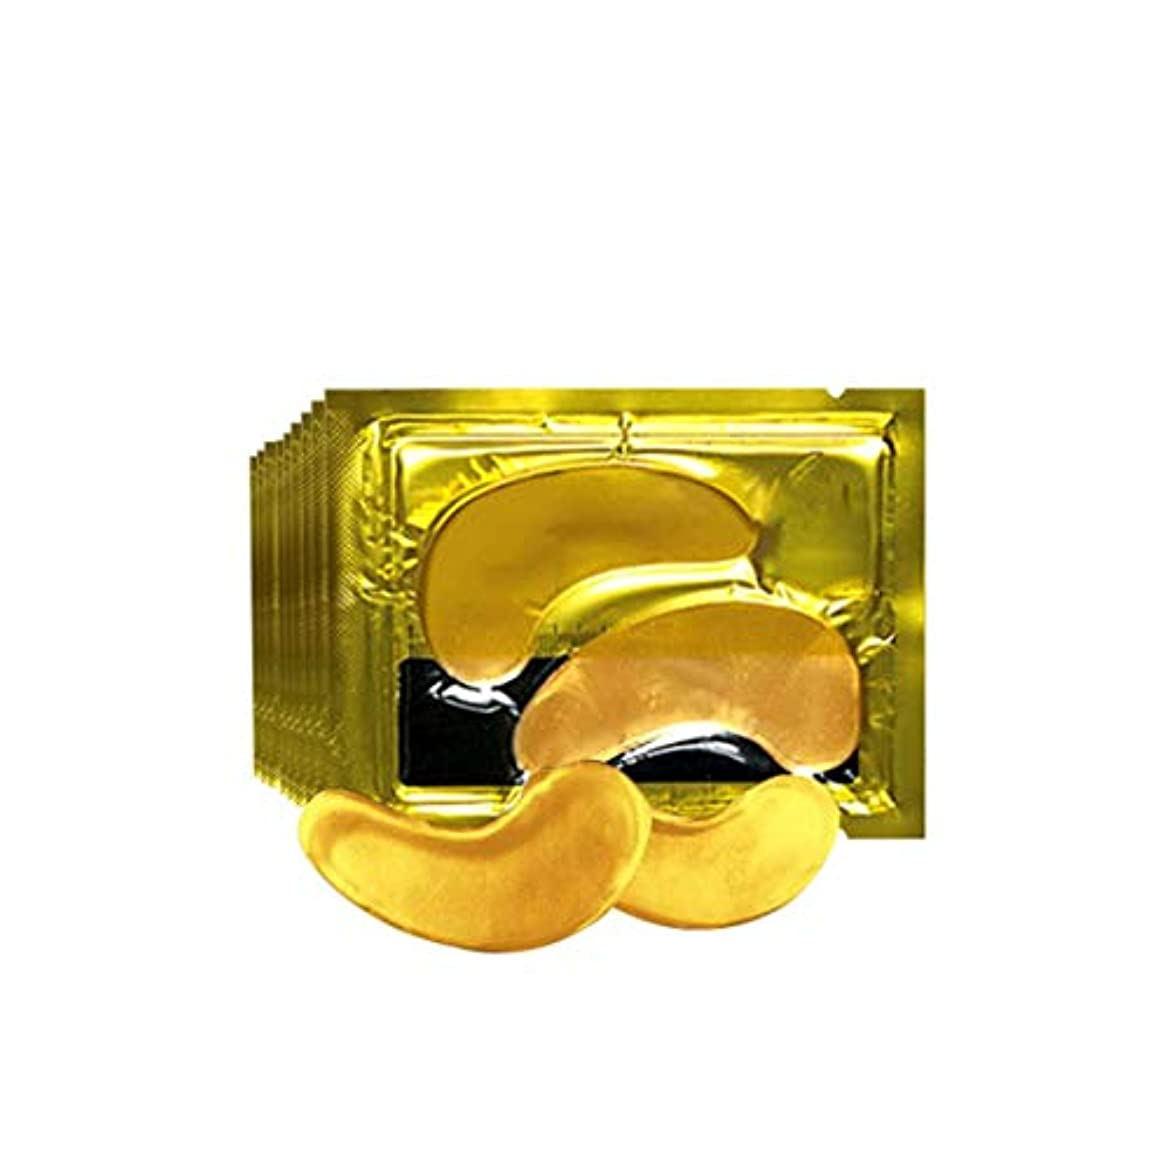 倉庫拡大するマザーランド24Kアイマスク削除ダークサークルアンチシワ保湿アンチエイジングアンチパフアイバッグビューティファーミングアイマスク - イエロー